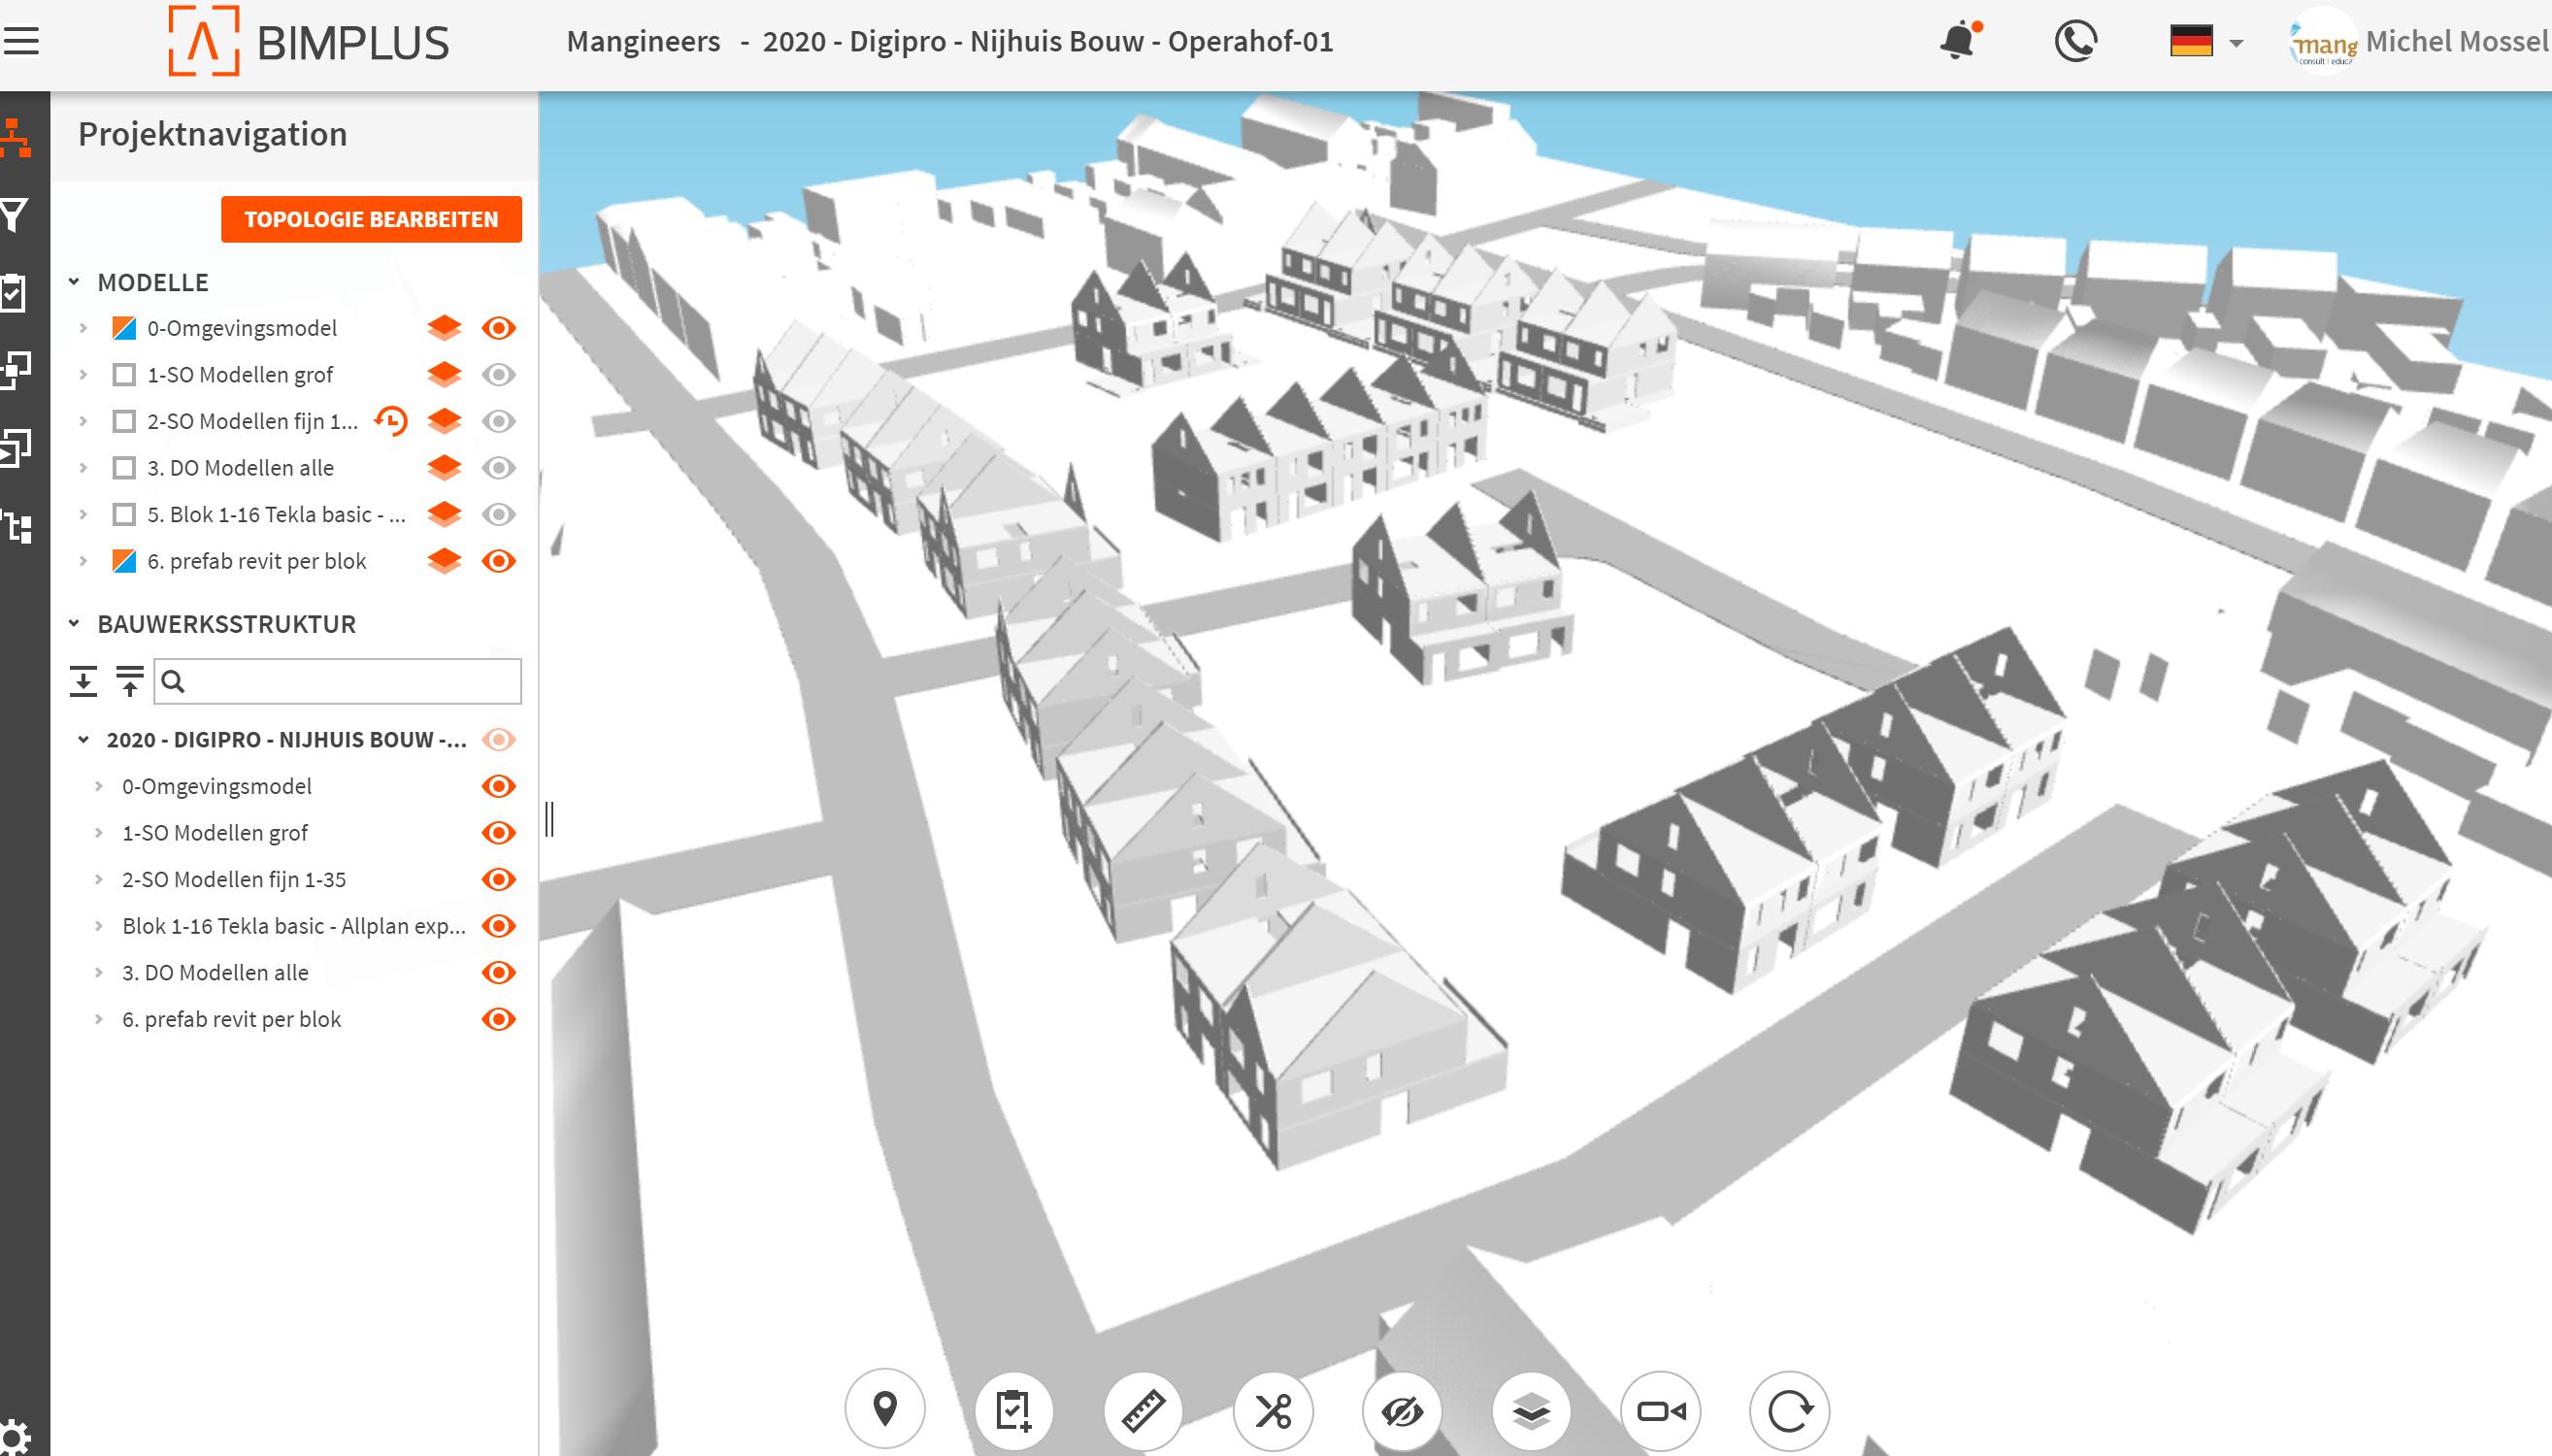 Operahof_3D_model_Fertigteilmodelle_1